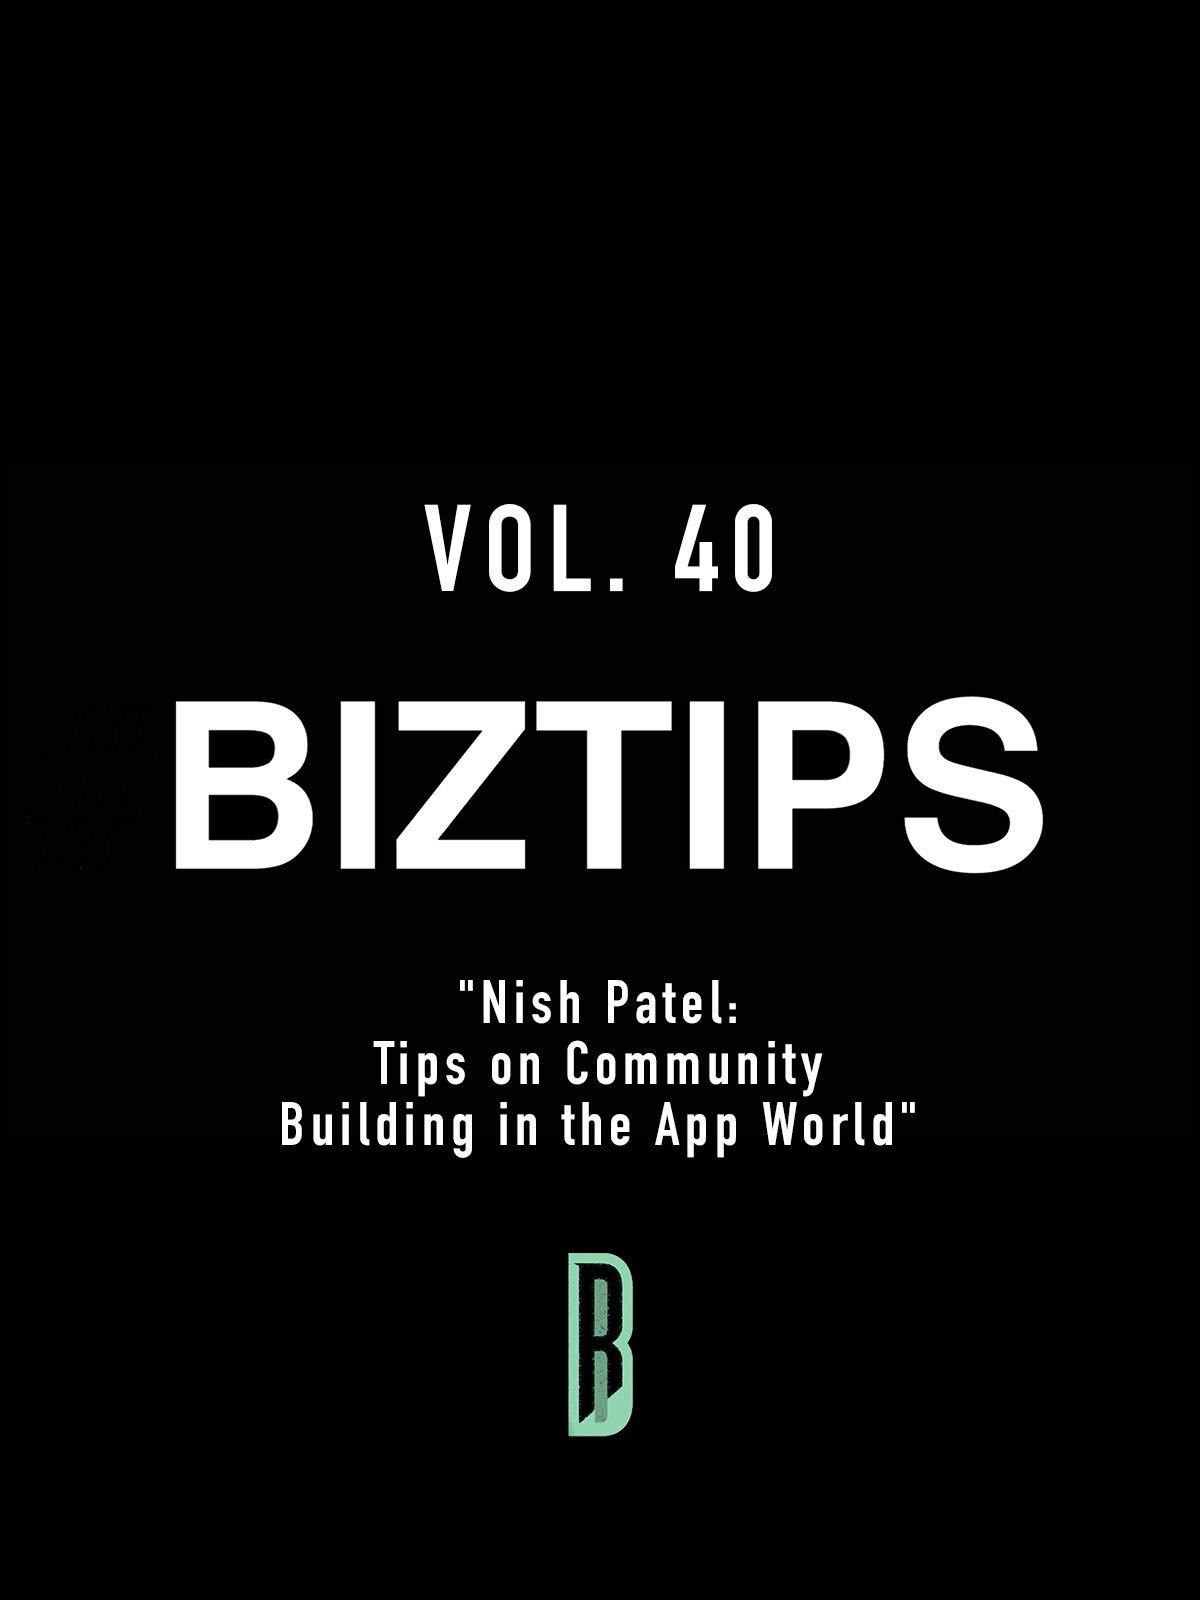 BizTips Vol. 40